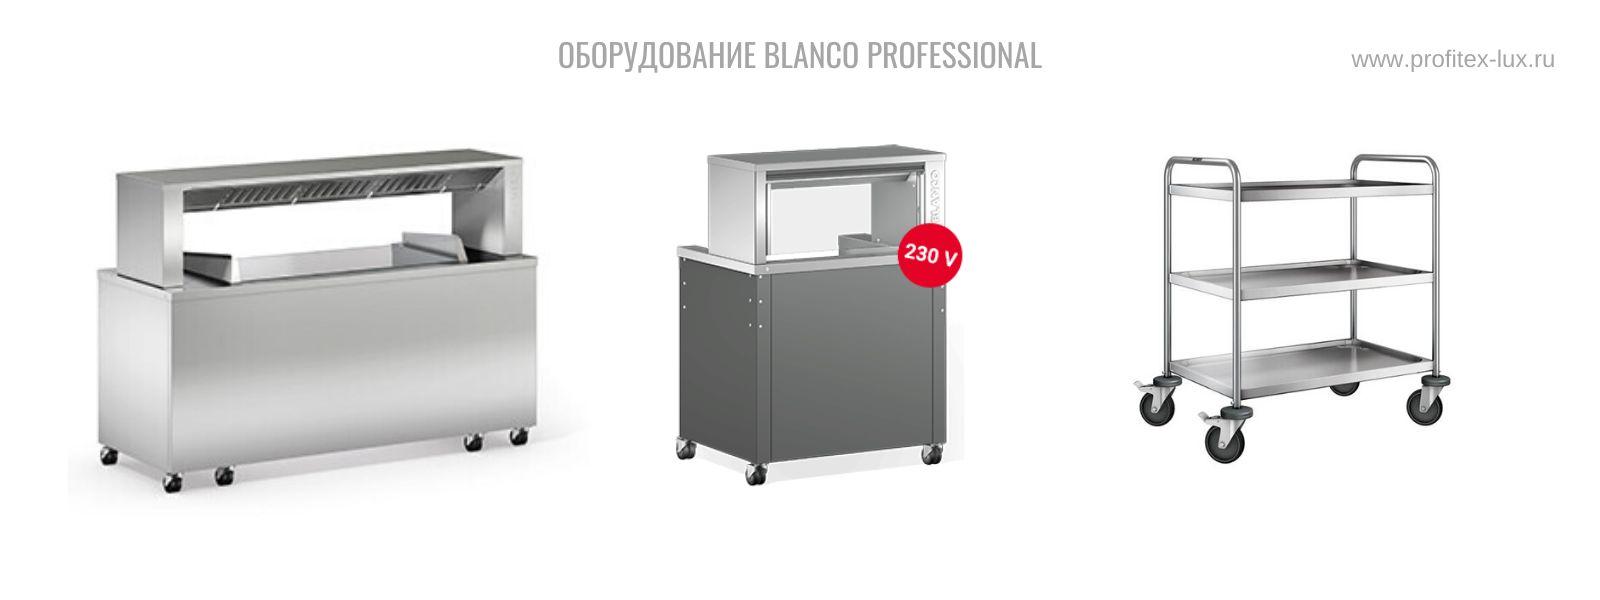 Оборудование для профессиональной кухни BLANCO PROFESSIONAL